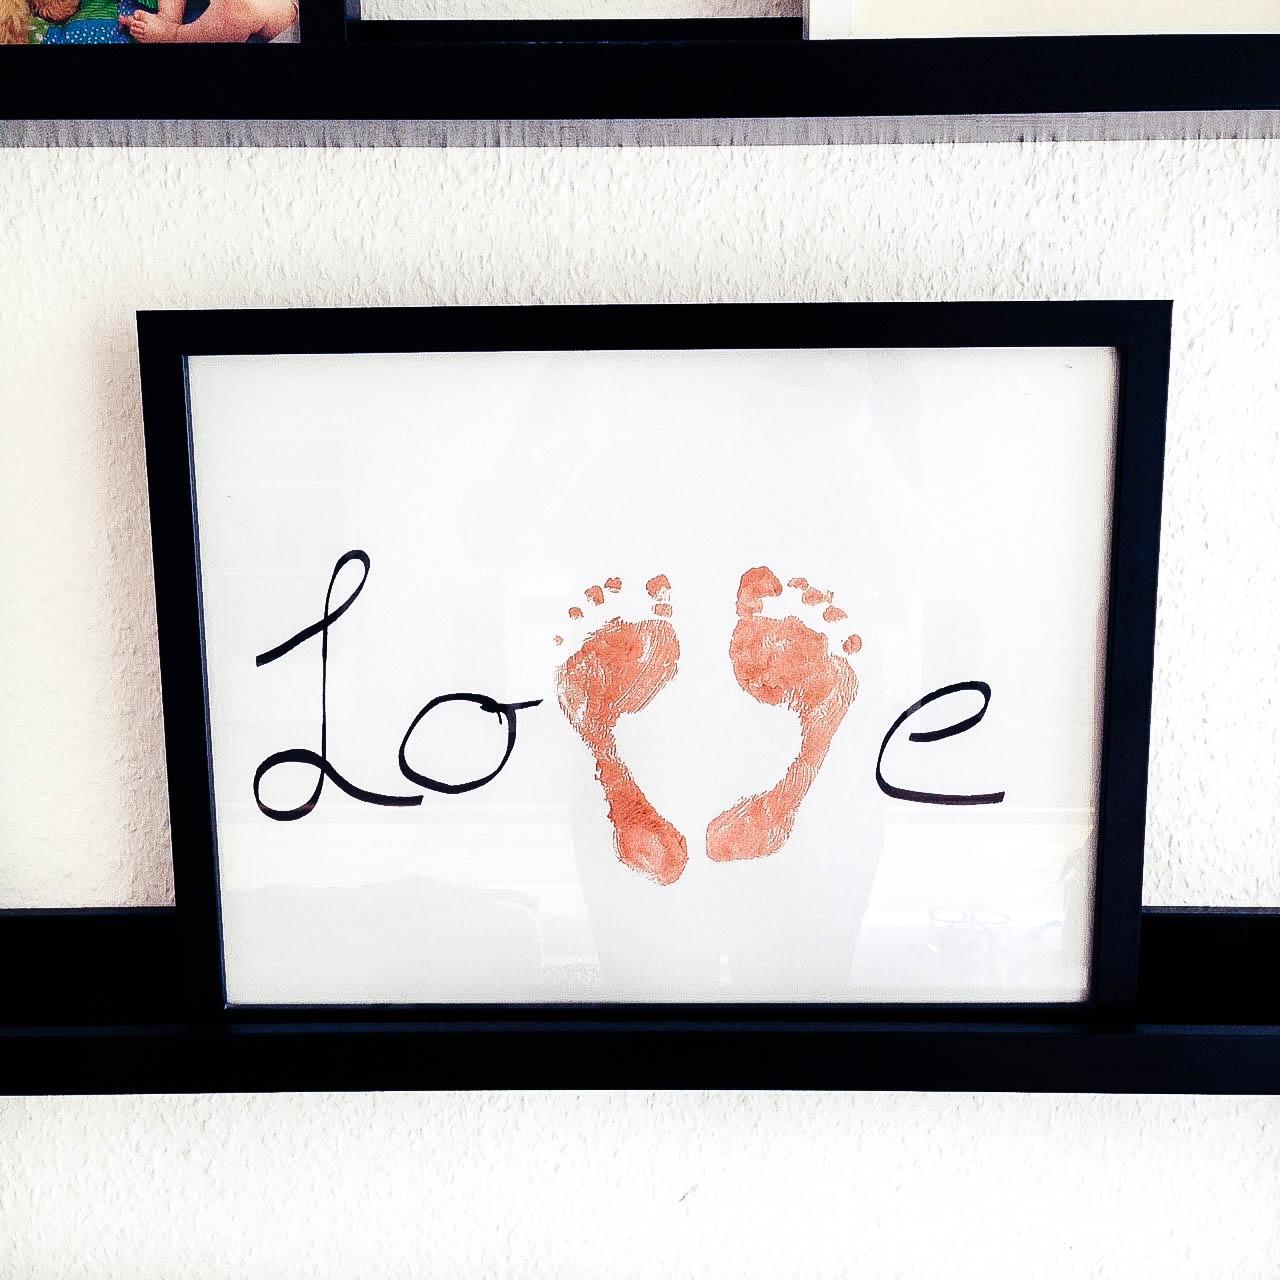 basteln mit kleinkindern einfache und sch ne bastelidee f r jedes kind. Black Bedroom Furniture Sets. Home Design Ideas